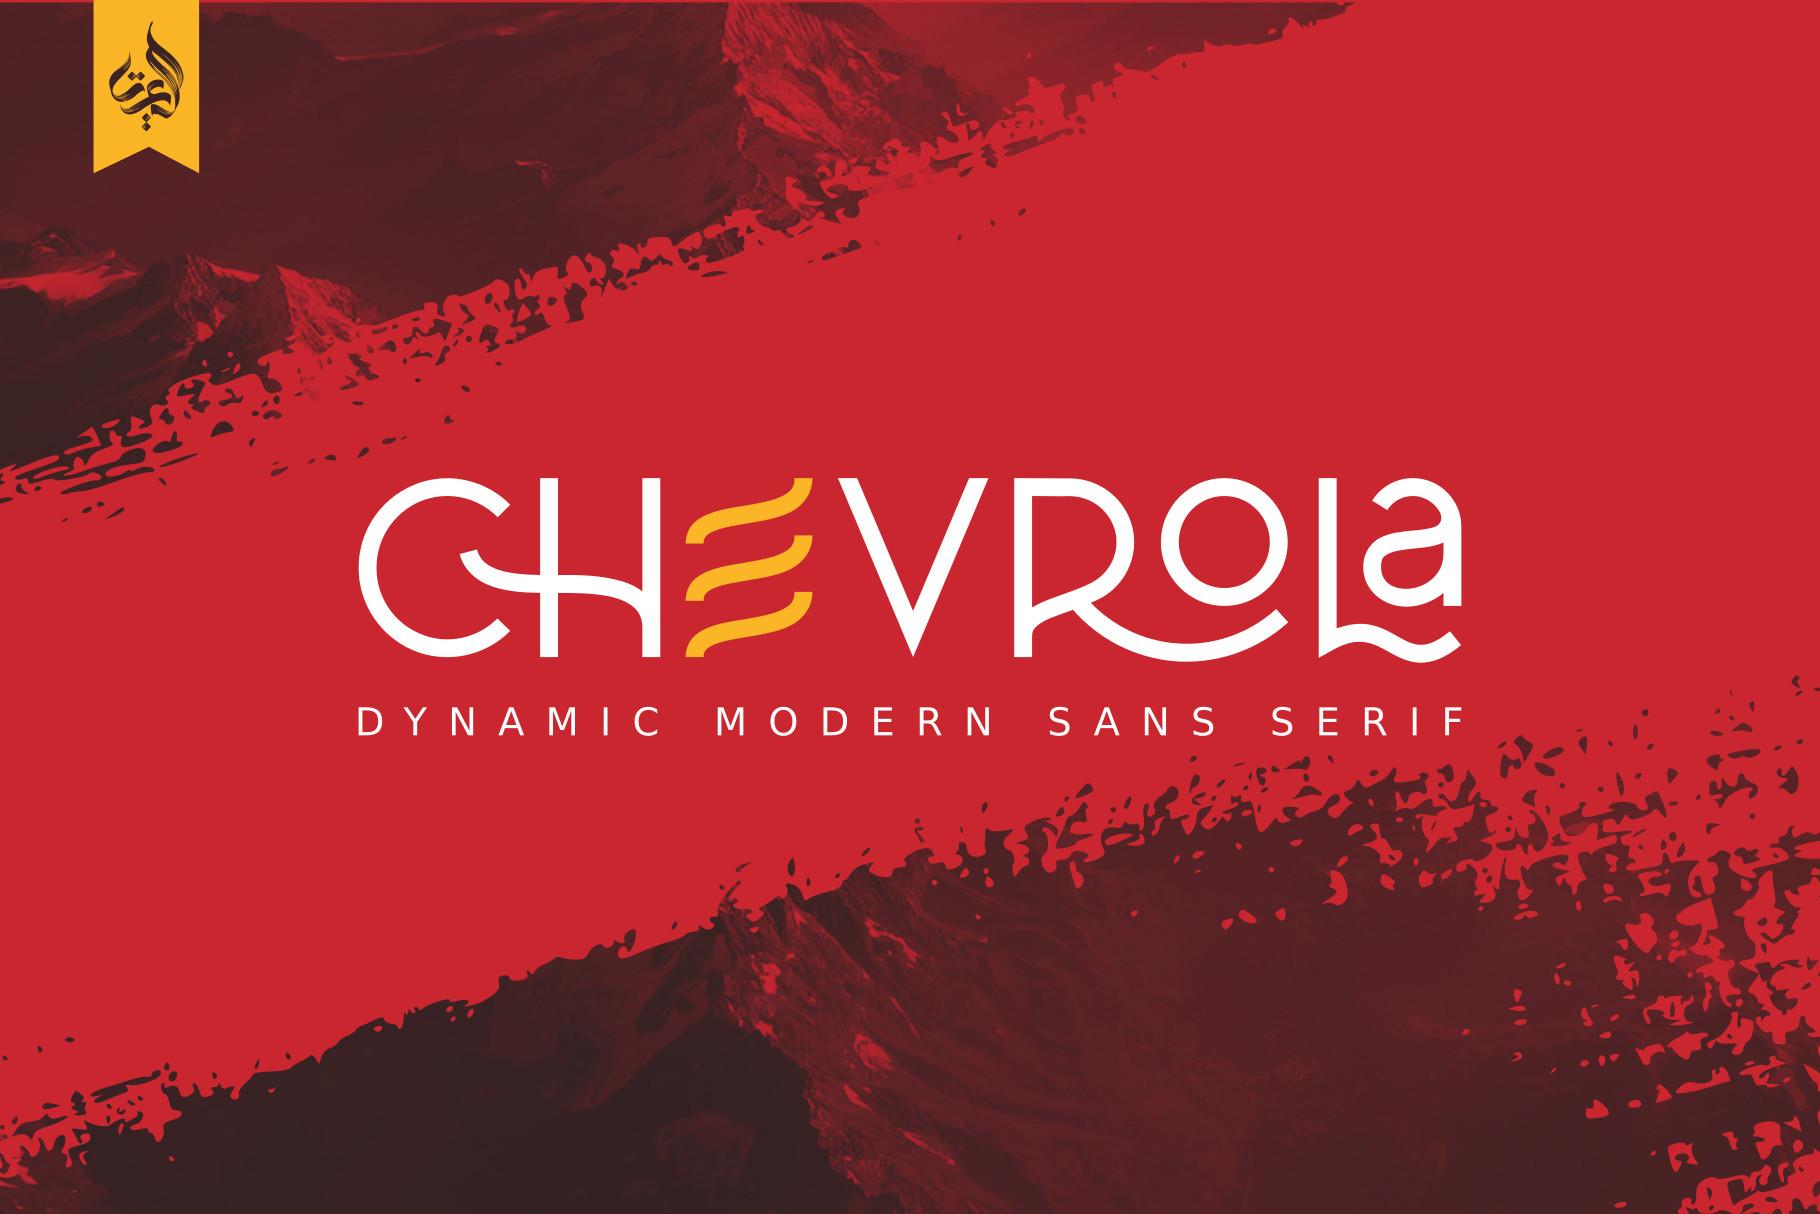 AL Chevrola example image 1